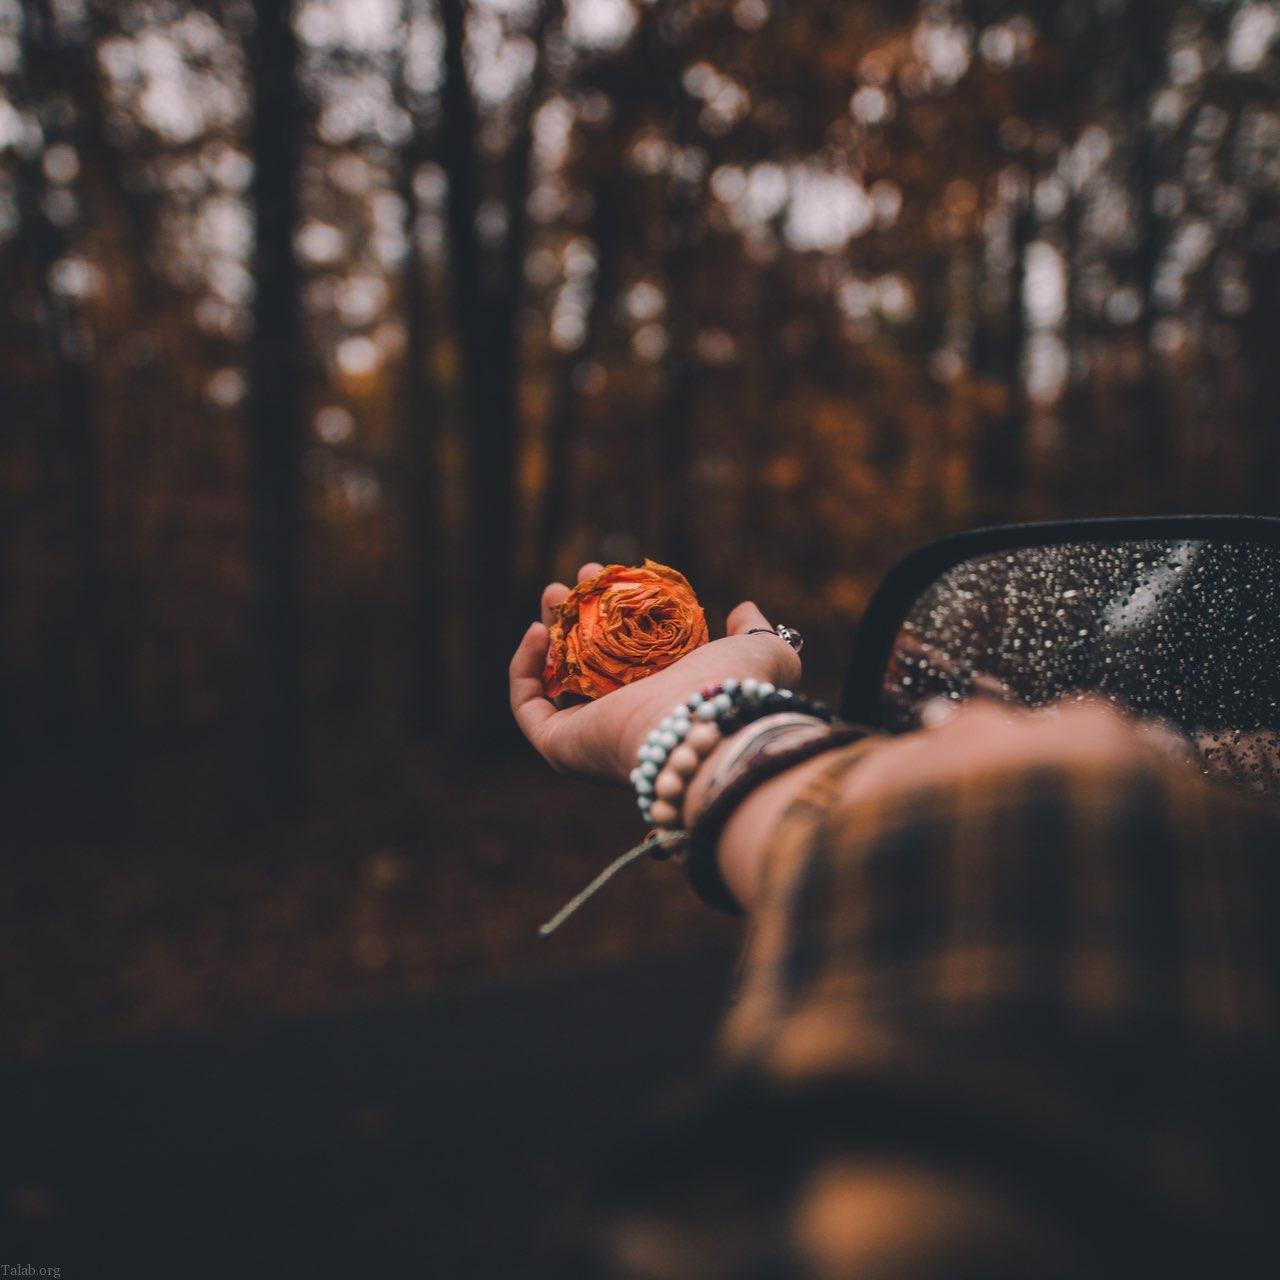 عکس های عاشقانه و رمانتیک پروفایل + عکس و متن عاشقانه زیبا 1398